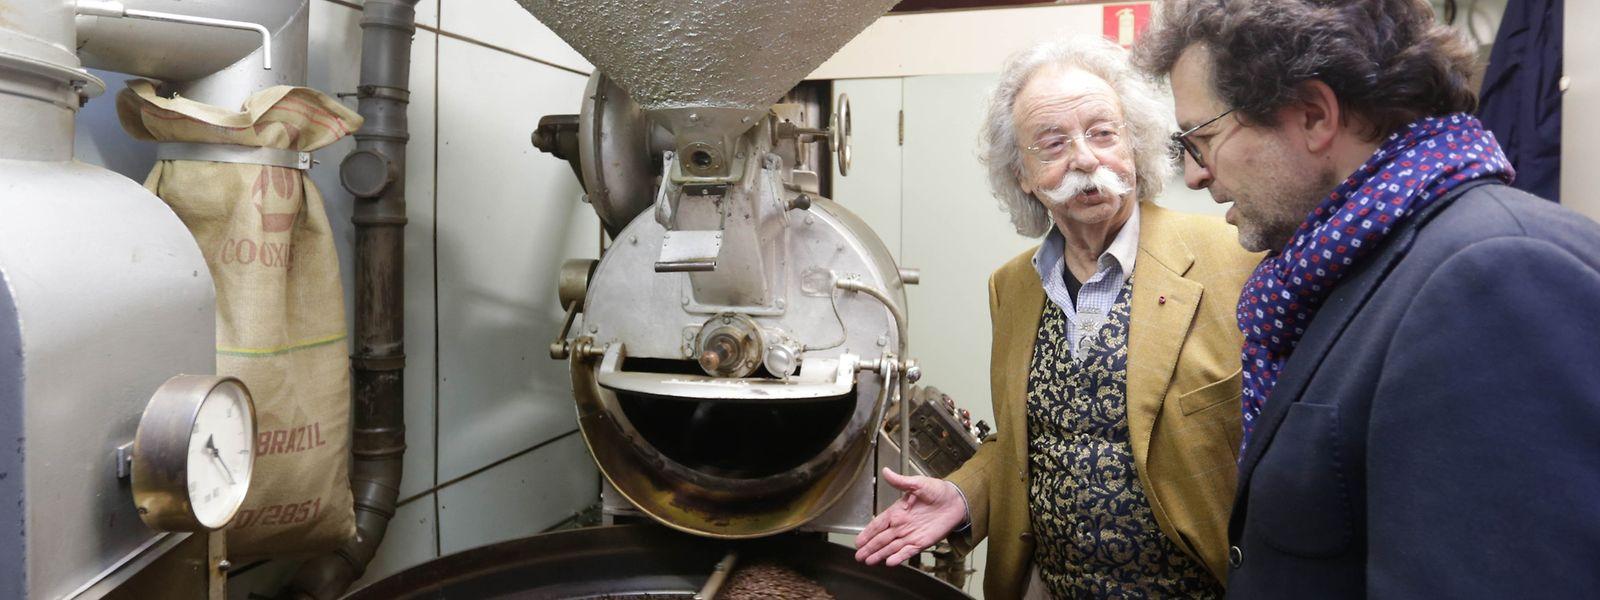 30 Jahre Fairtrade-Kaffee: Jean Pütz (l.) und Jean-Louis Zeien in der Rösterei Santos.